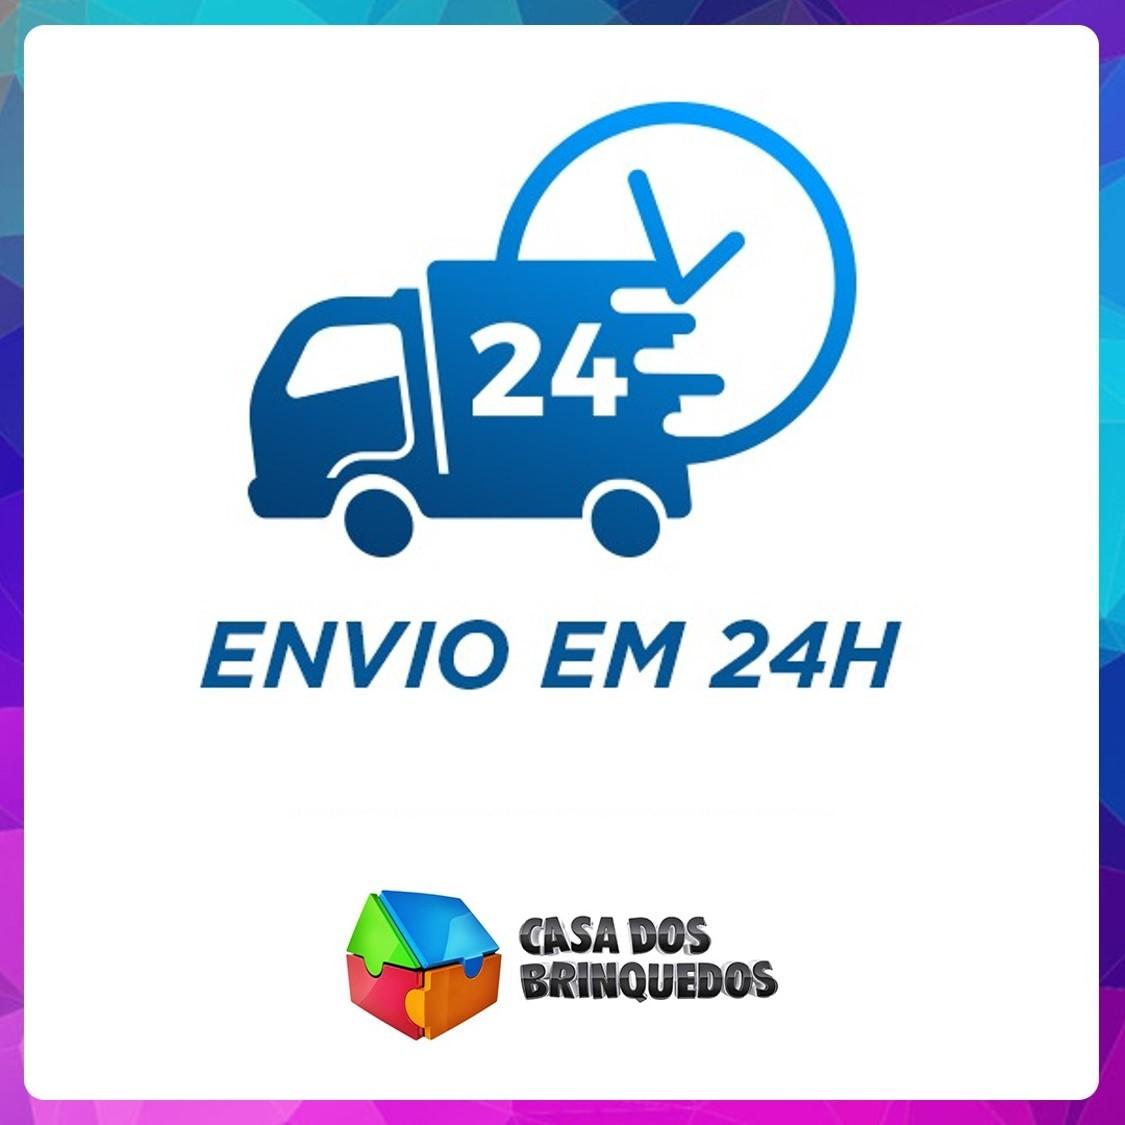 DINOSSAURO DINO WORLD TRICERATOPS 2089 COTIPLÁS